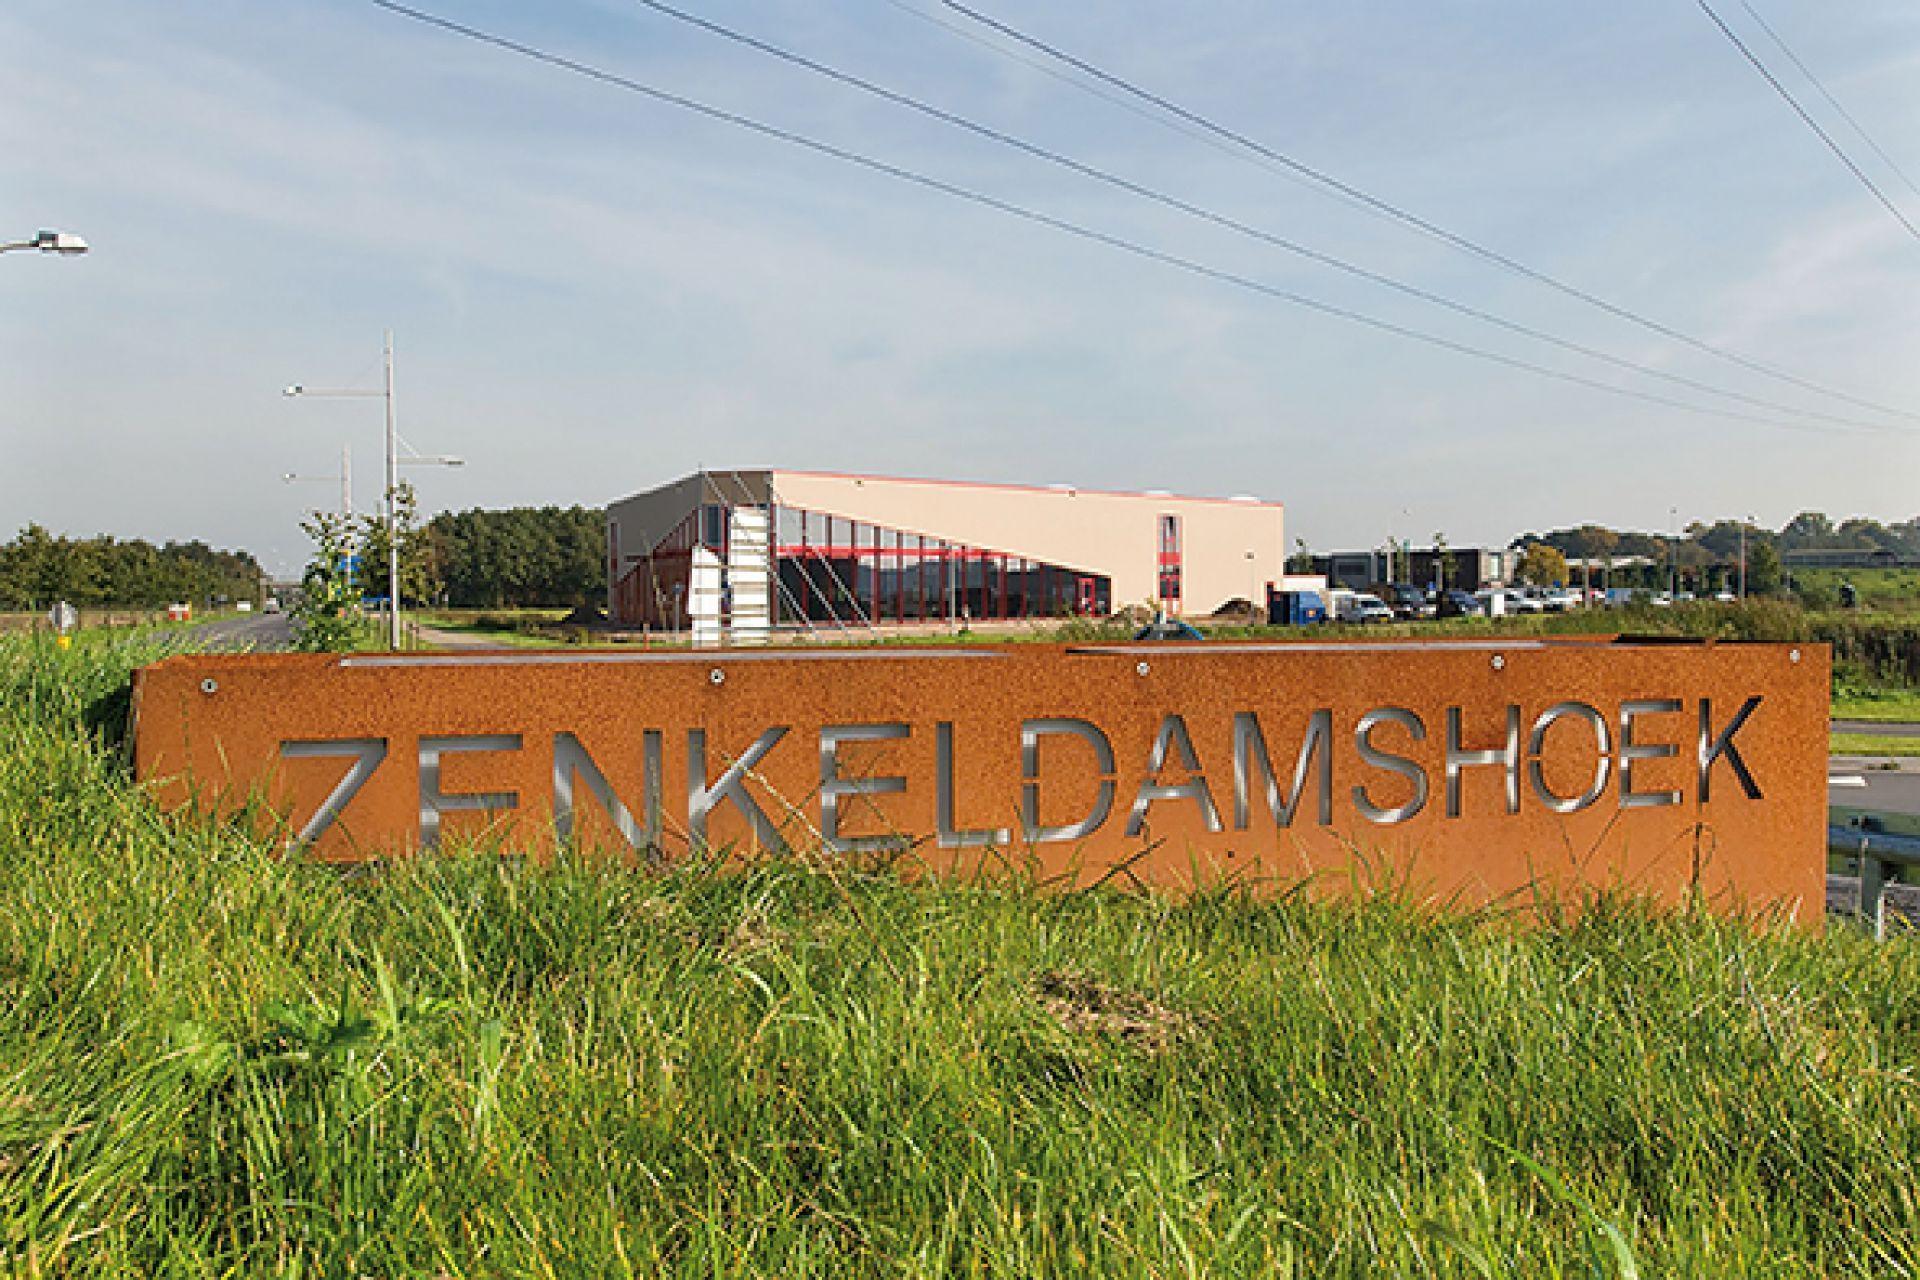 Bedrijvenpark Zenkeldamshoek begint 2018 uitstekend!